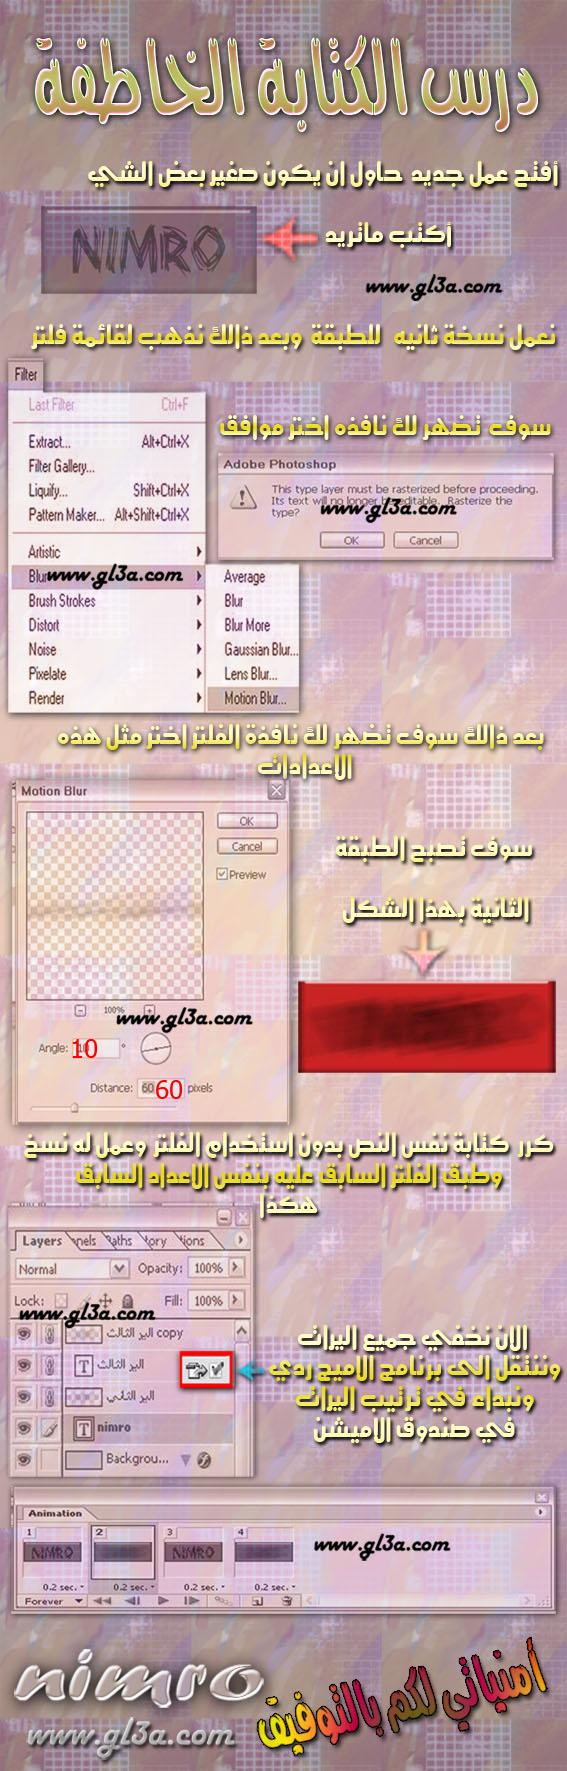 الكتابه الخاطفه maas-637bbba63e.jpg